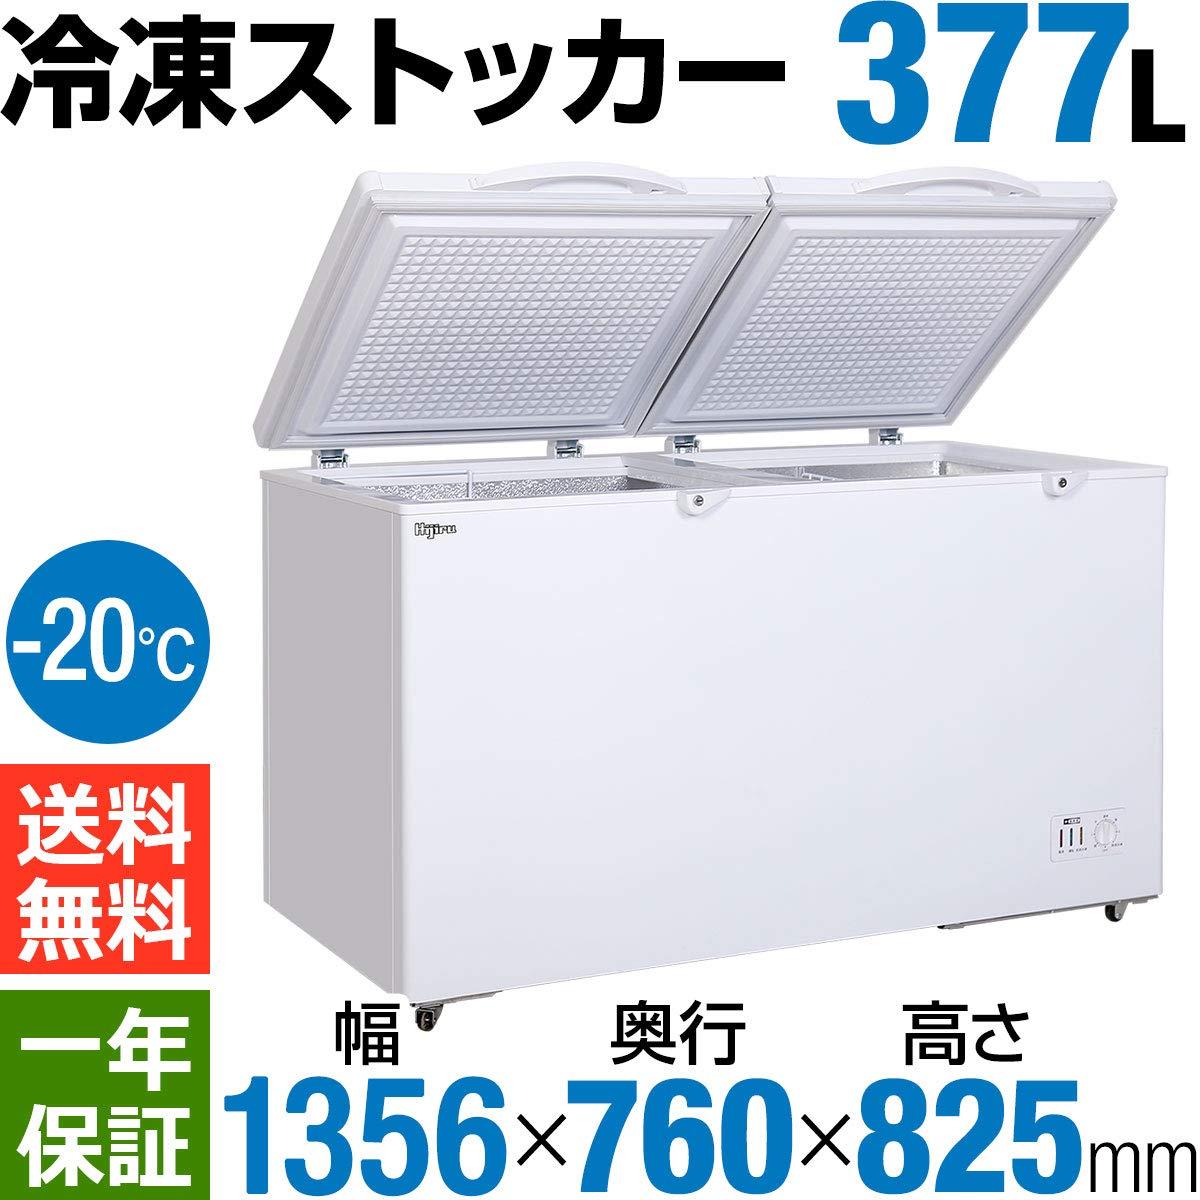 【Hijiru】業務用冷凍ストッカー377L チェストタイプ【HJR-F377】【1-3日以内に発送予定(土日祝除く)】   B07DL3LN4J